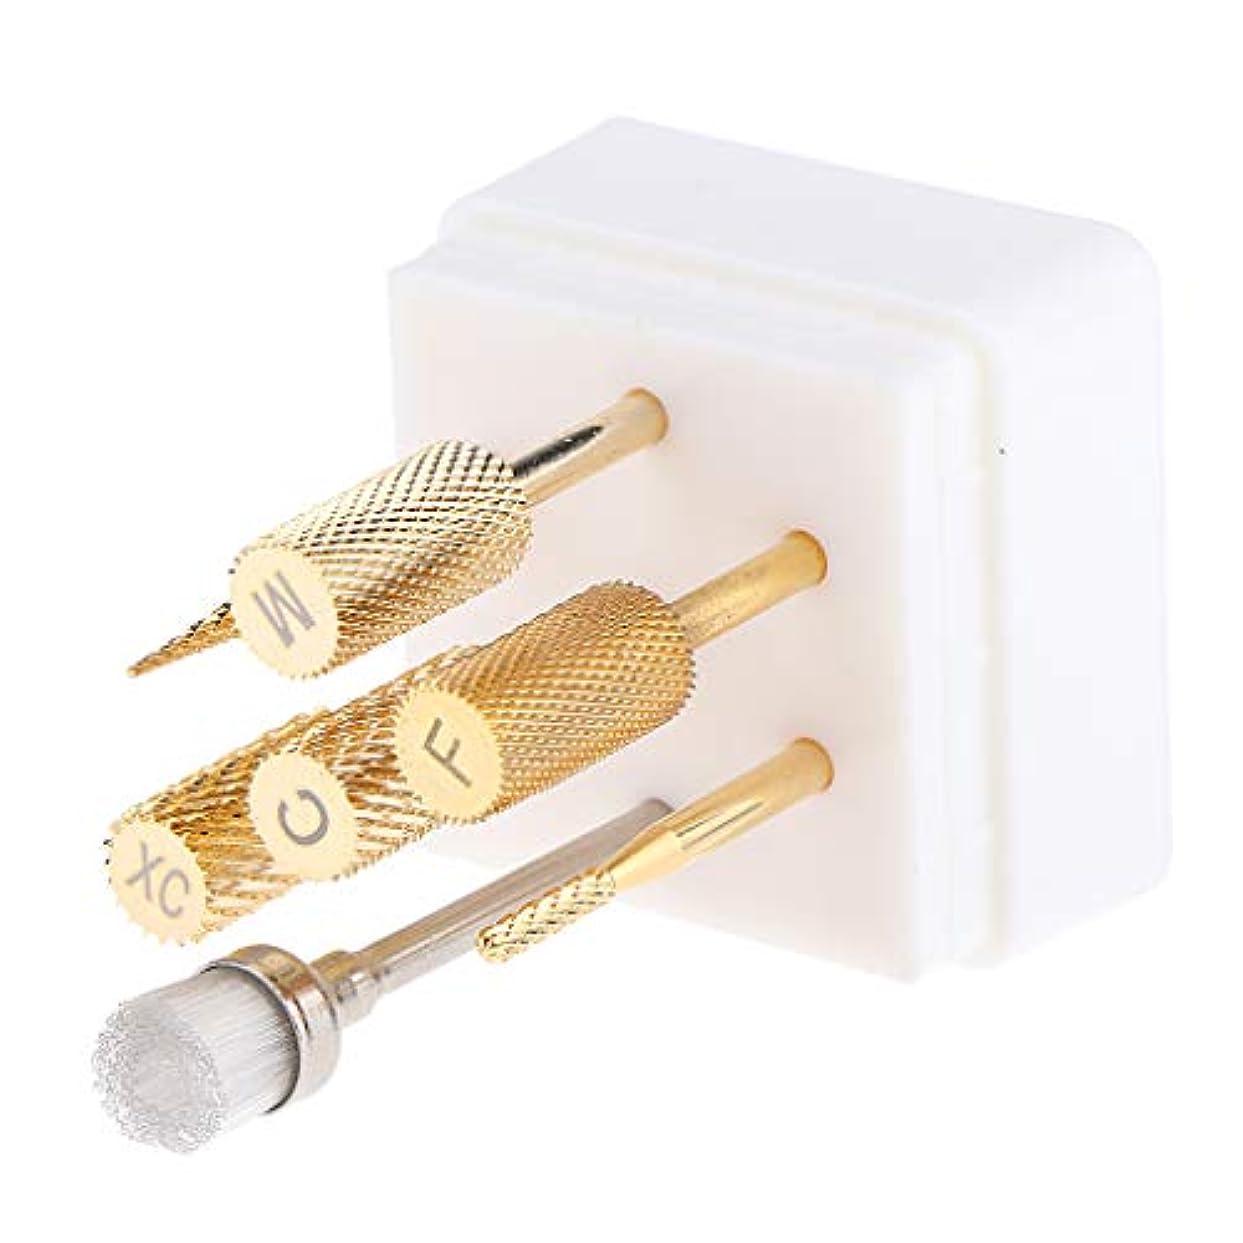 ジーンズ凍るずるいToygogo ネイルドリルビット ネイルバレルヘッド ネイル磨く 爪磨き ネイル道具 ケース付き